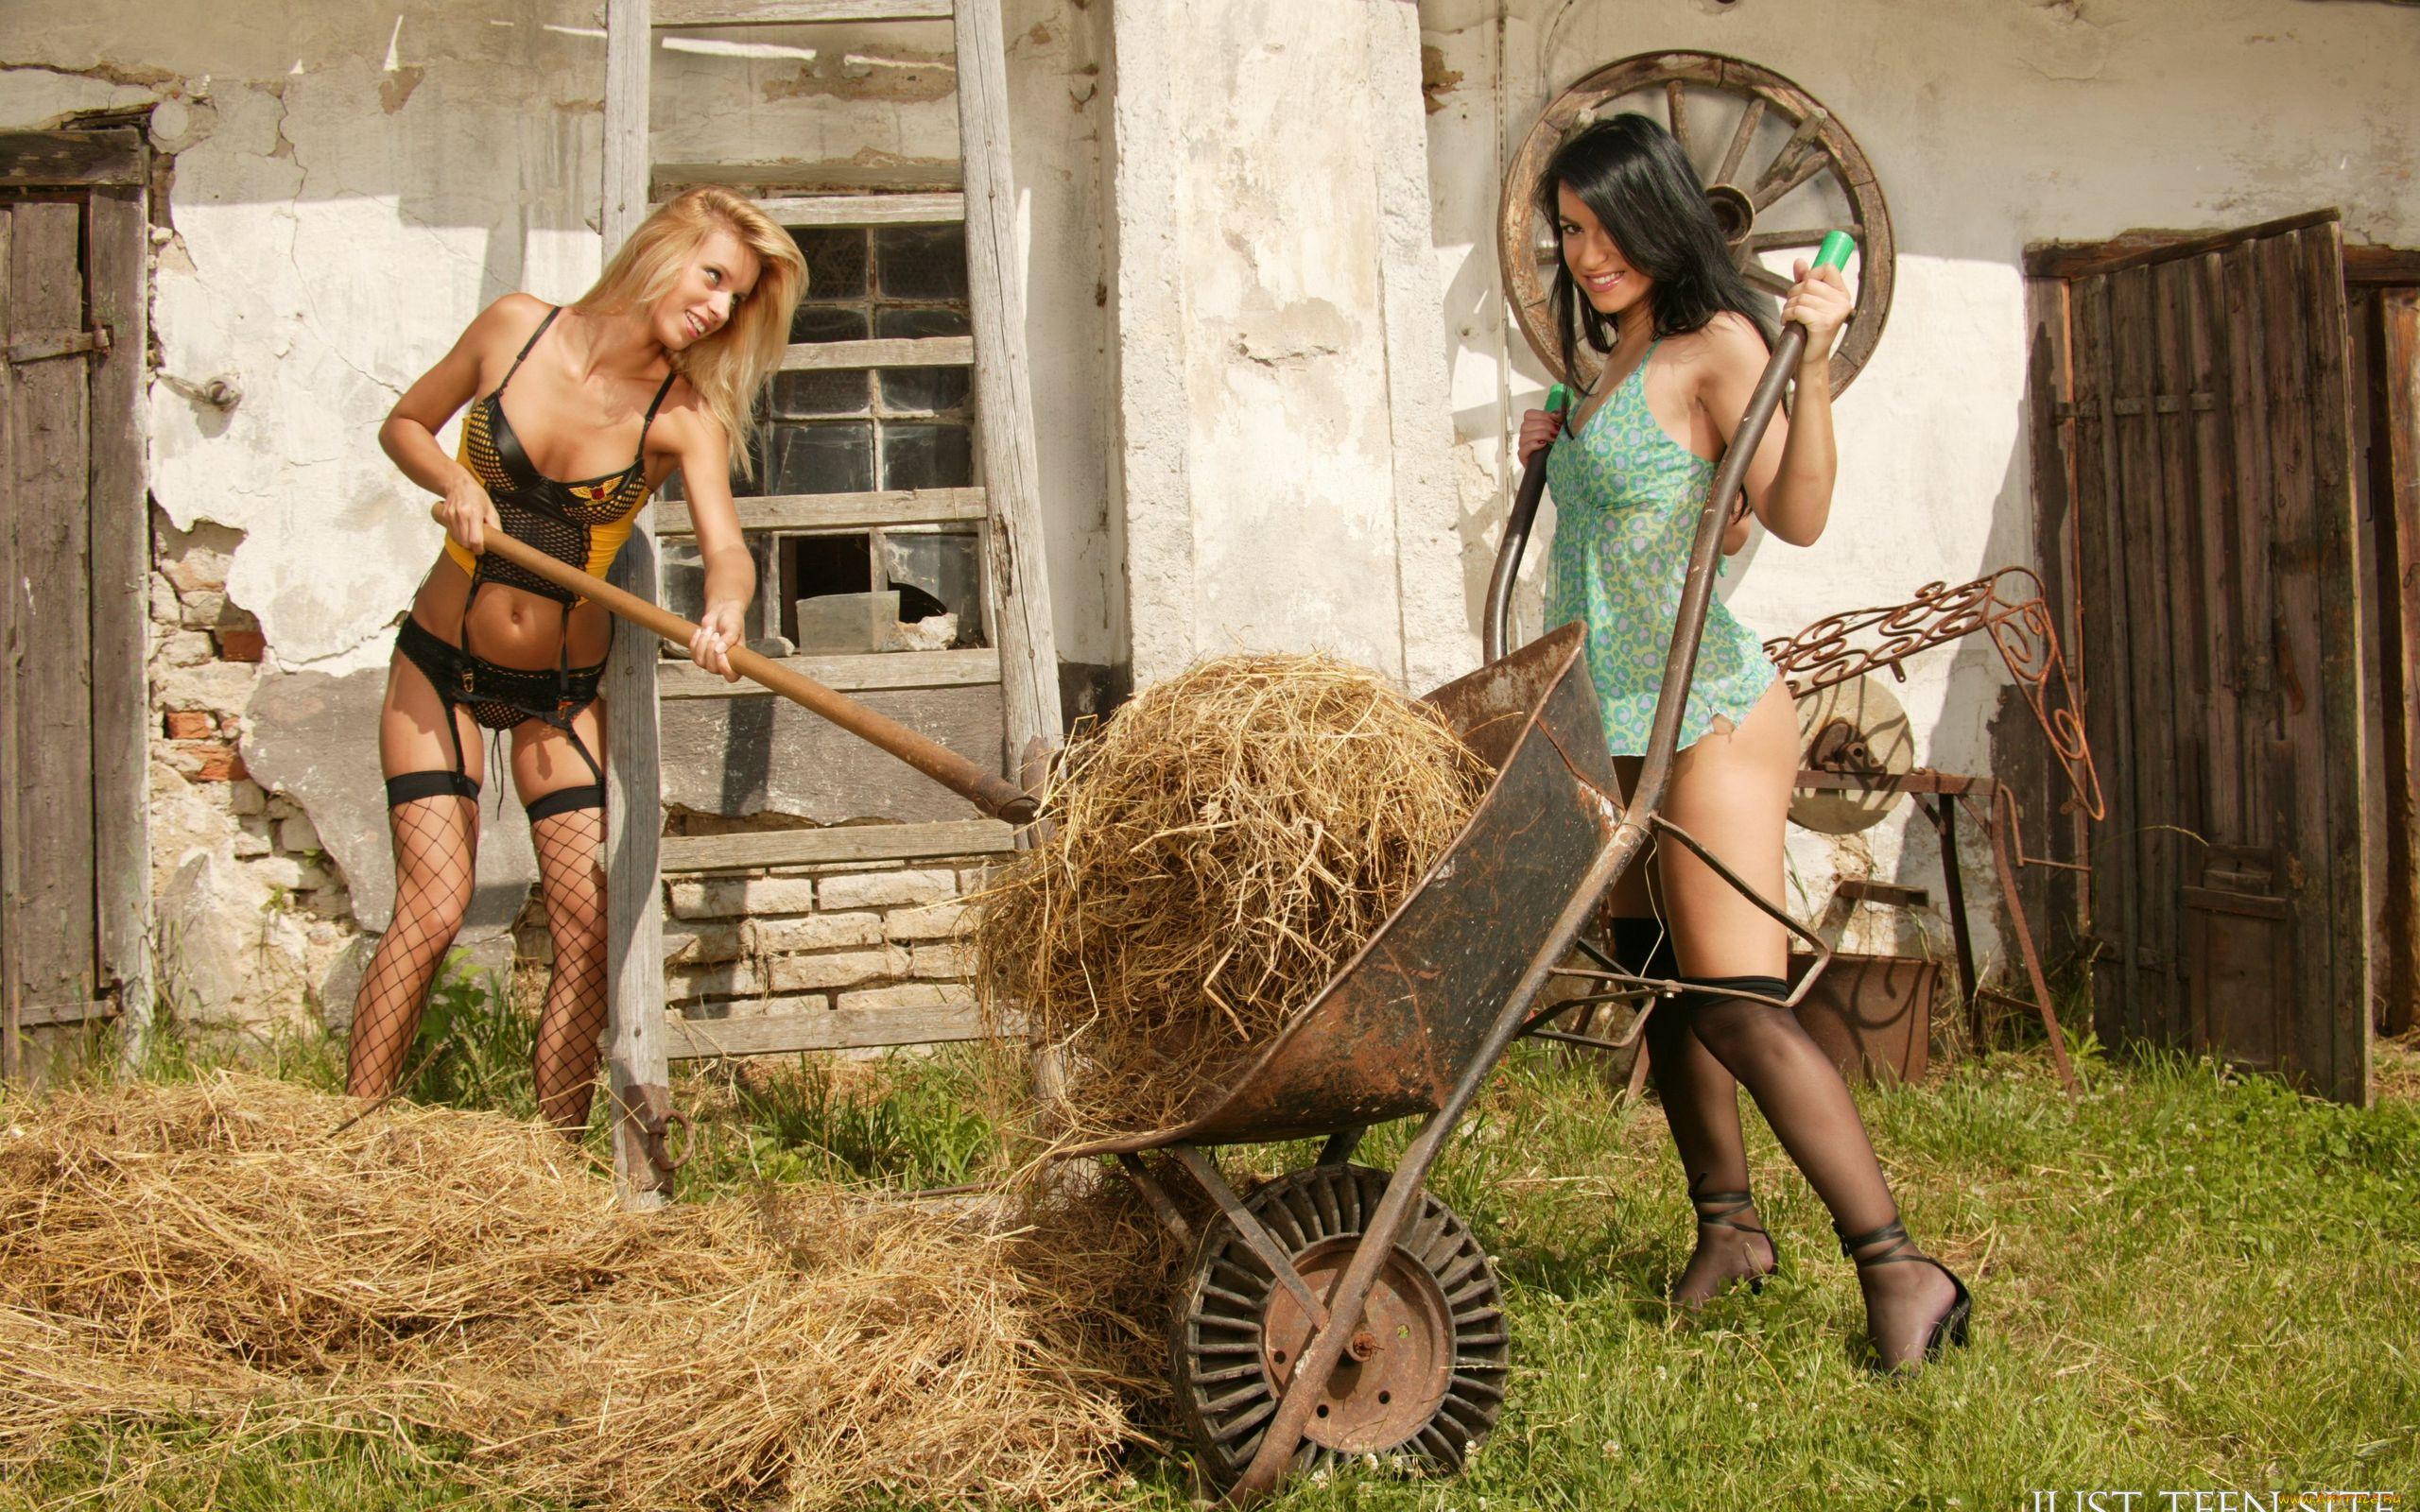 Сельский секс в украине 6 фотография